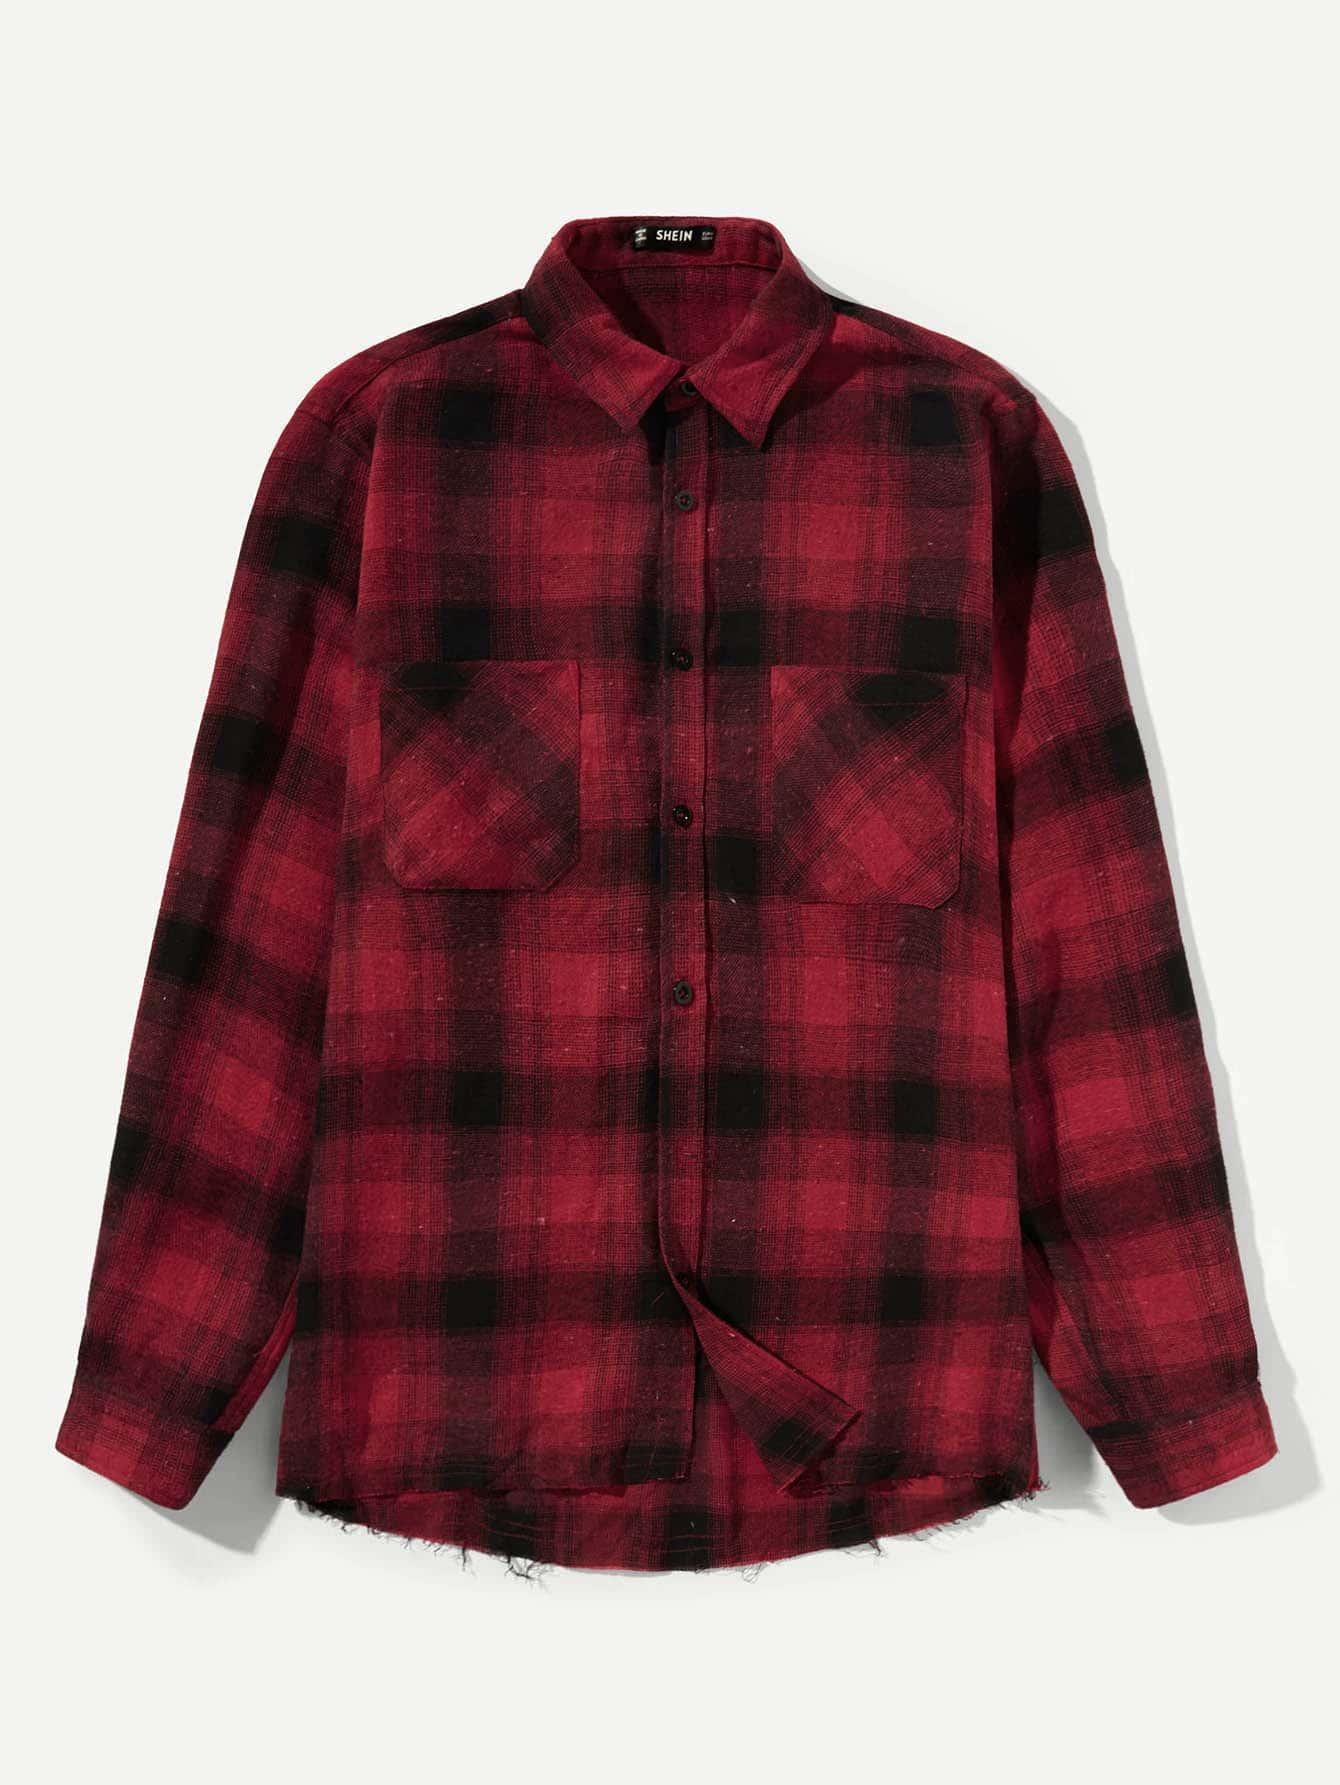 Купить Мужская карманная рубашка с плакированной рубашкой, null, SheIn